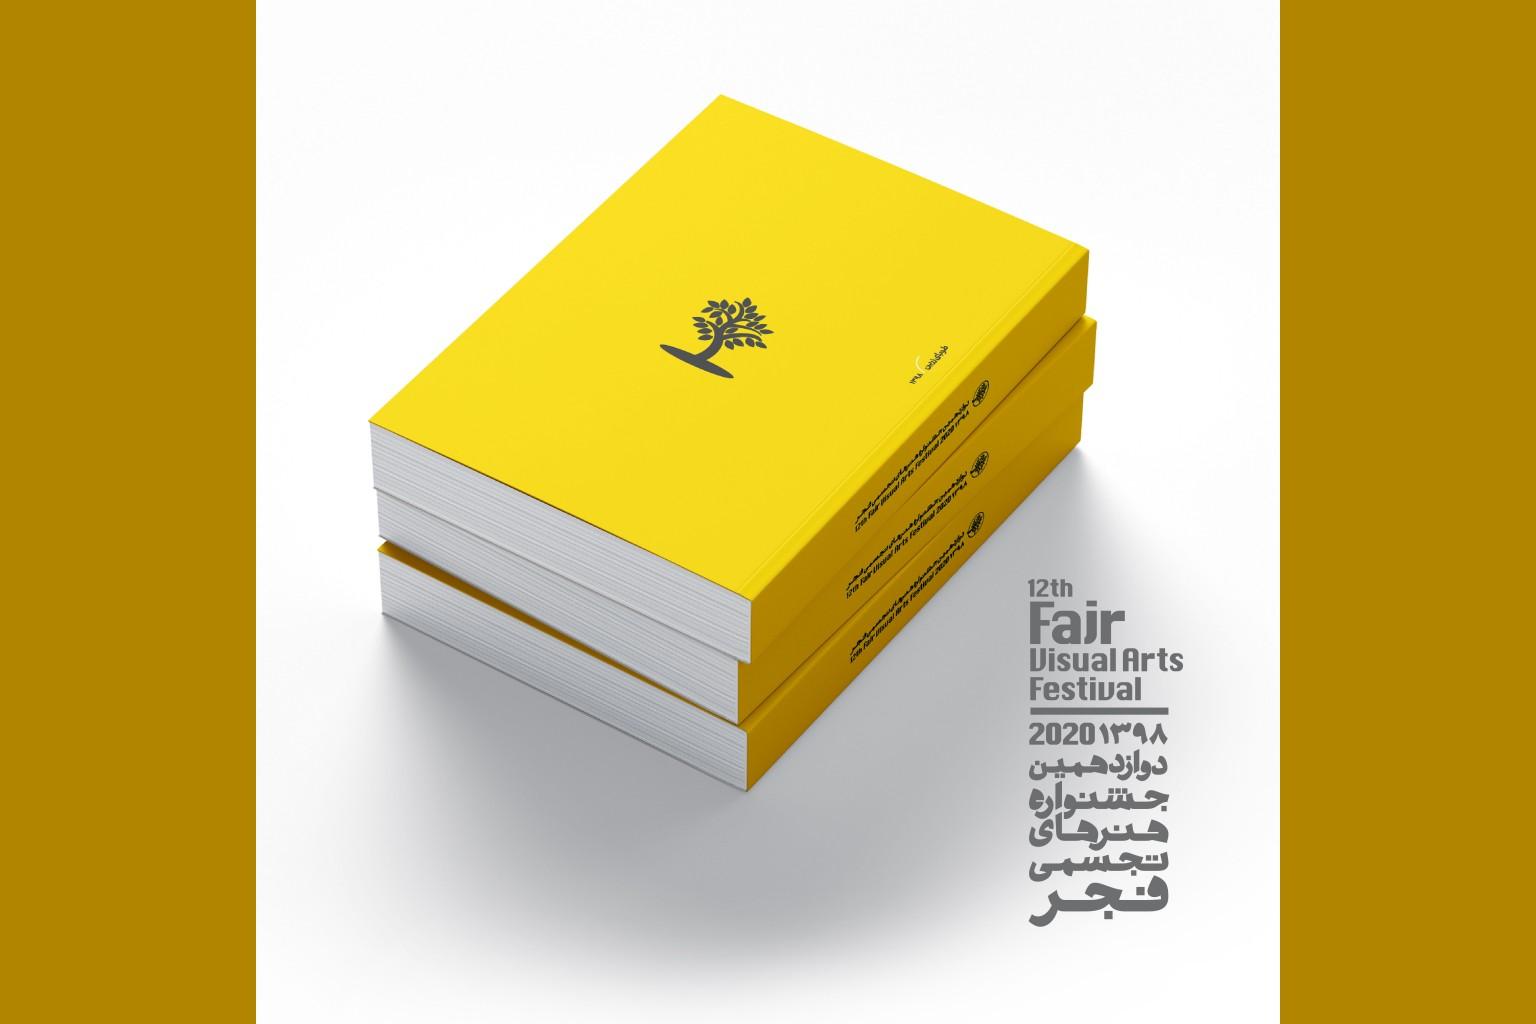 کتاب جشنواره هنرهای تجسمی فجر با پست به دست هنرمندان می رسد